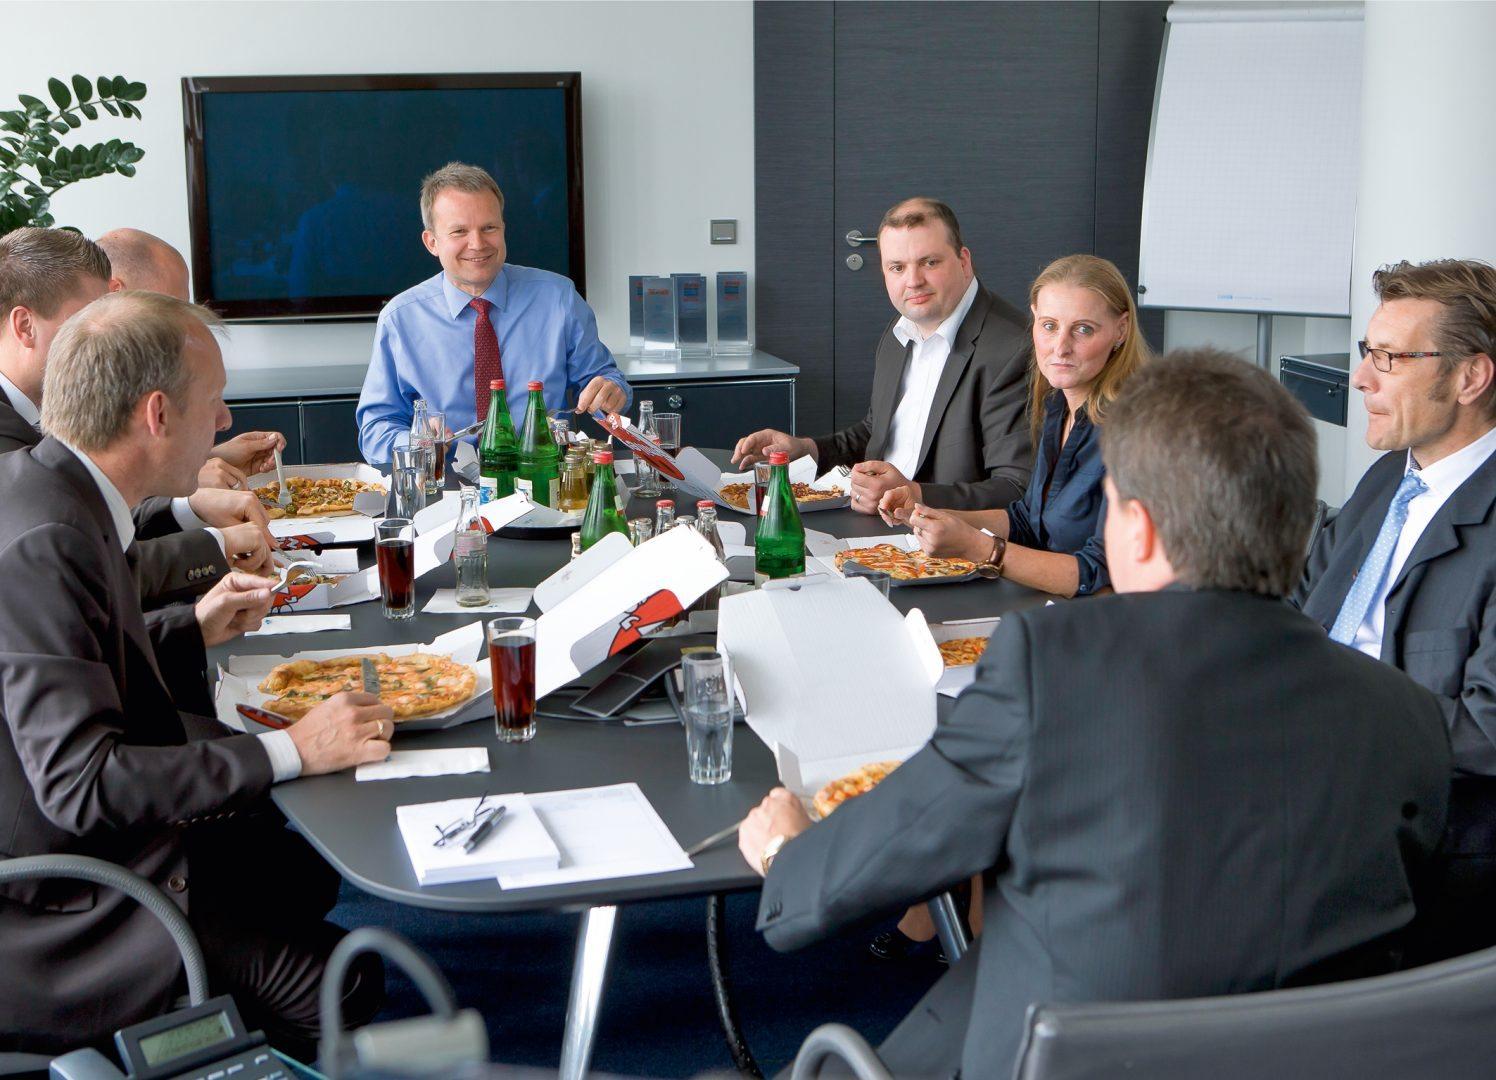 Mitarbeiterengagement Dr. Jens Baas, TK-Vorstandsvorsitzender (Mitte), mit Mitarbeitern beim Pizza-Treff. Pressefoto der Techniker Krankenkasse zur Verwendung für redaktionelle Zwecke.